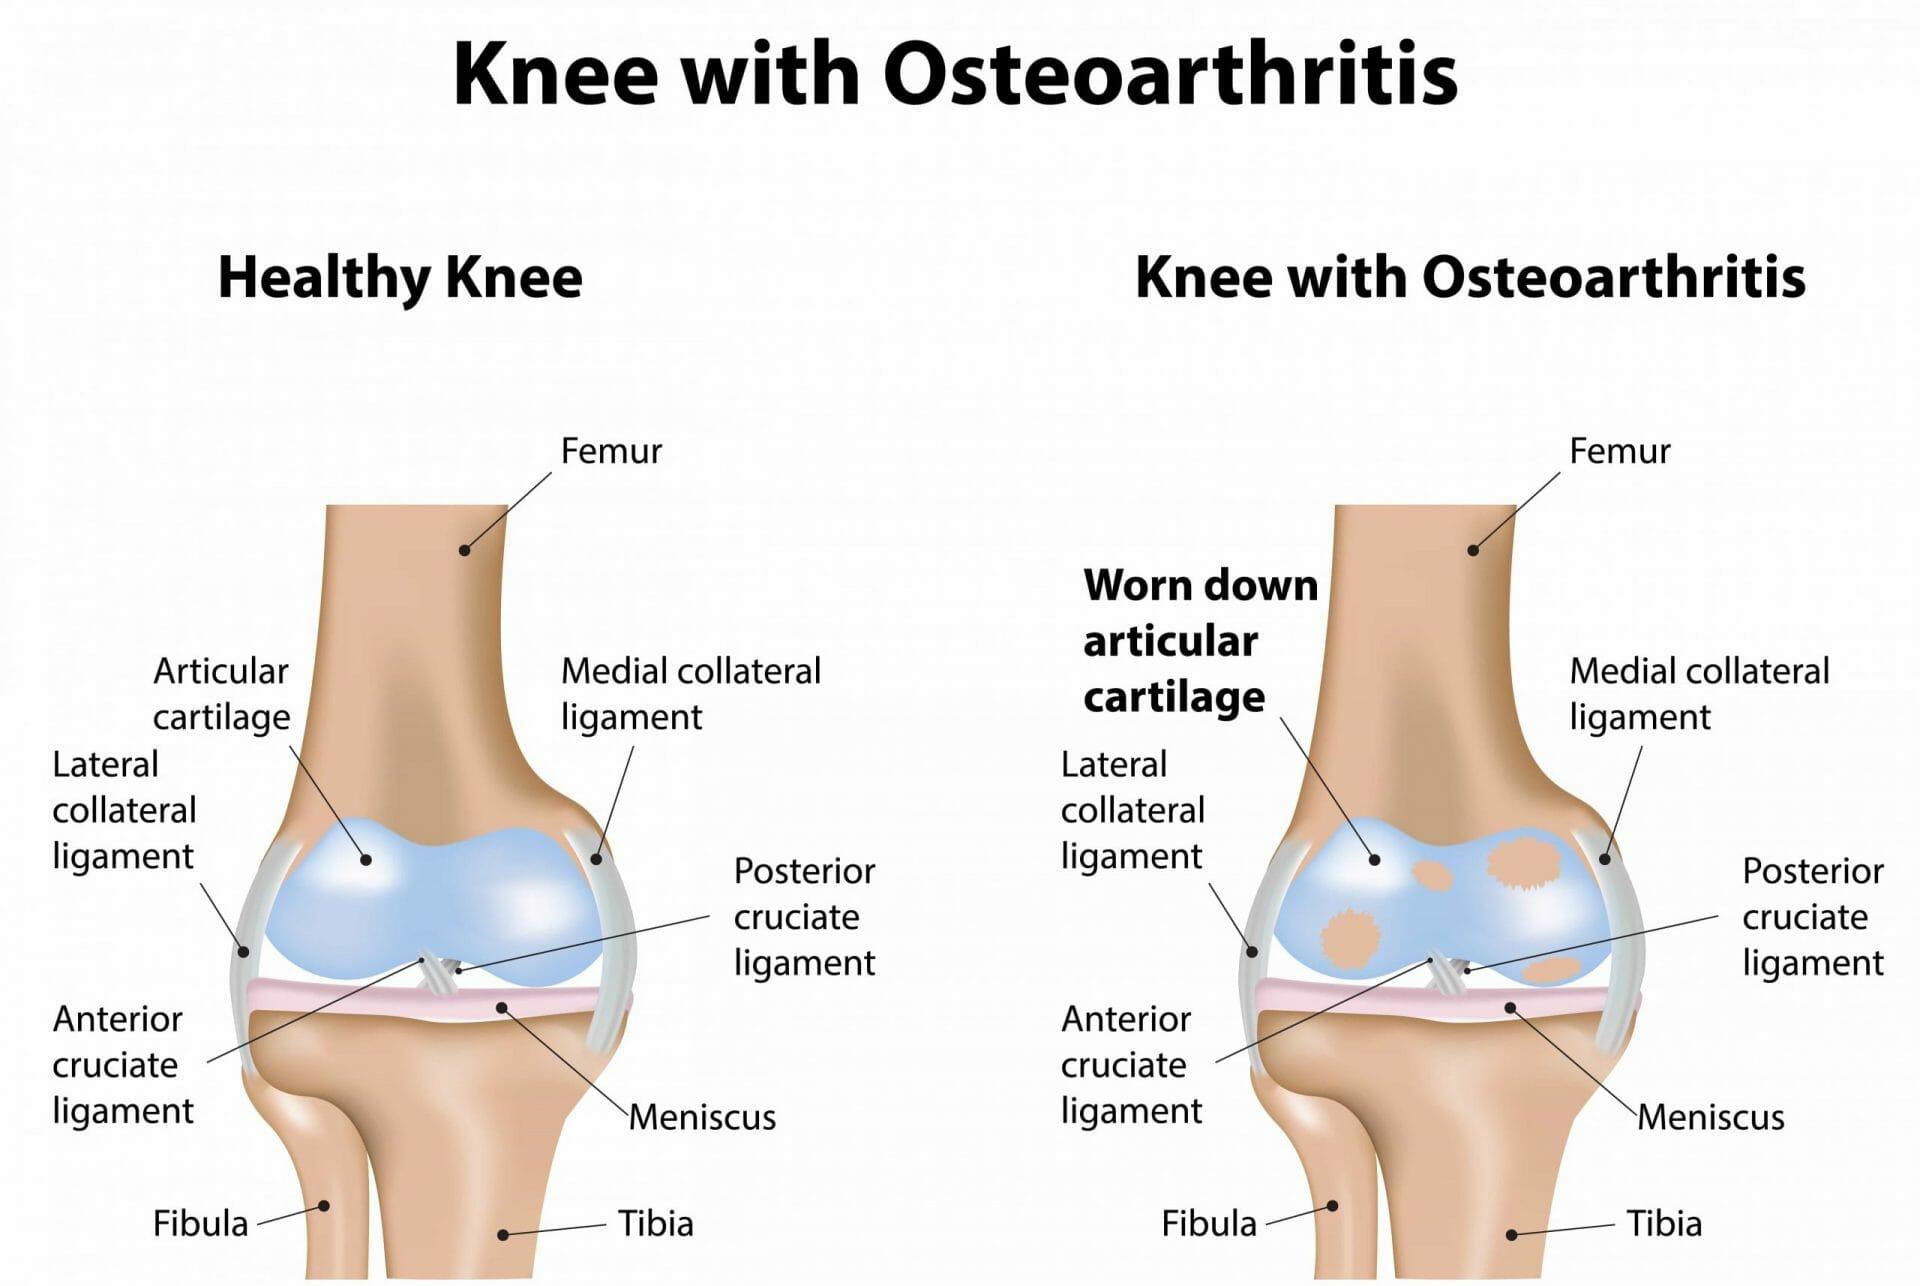 knee with Osteoarthritis